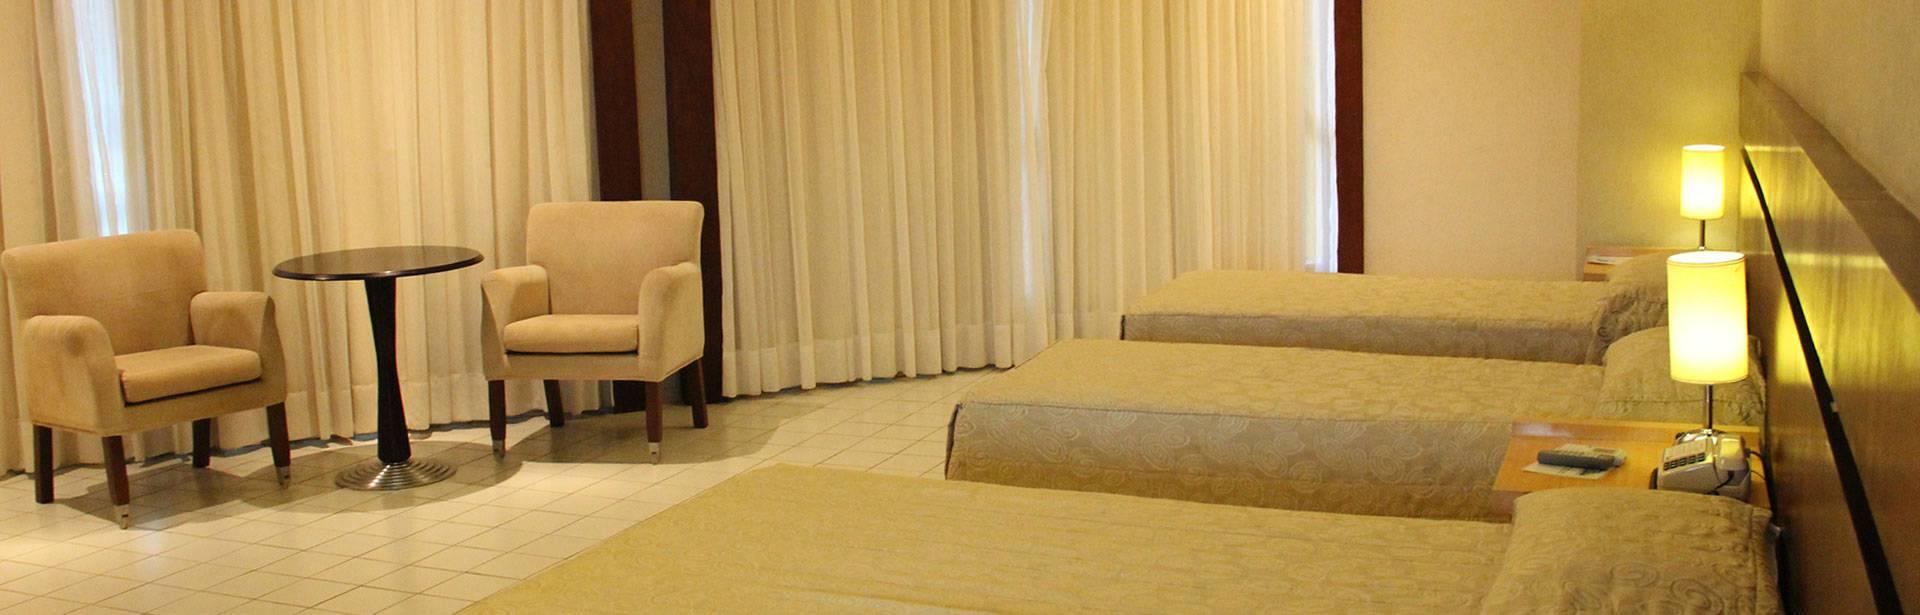 Imagem Hotel Zanon - Acomodações